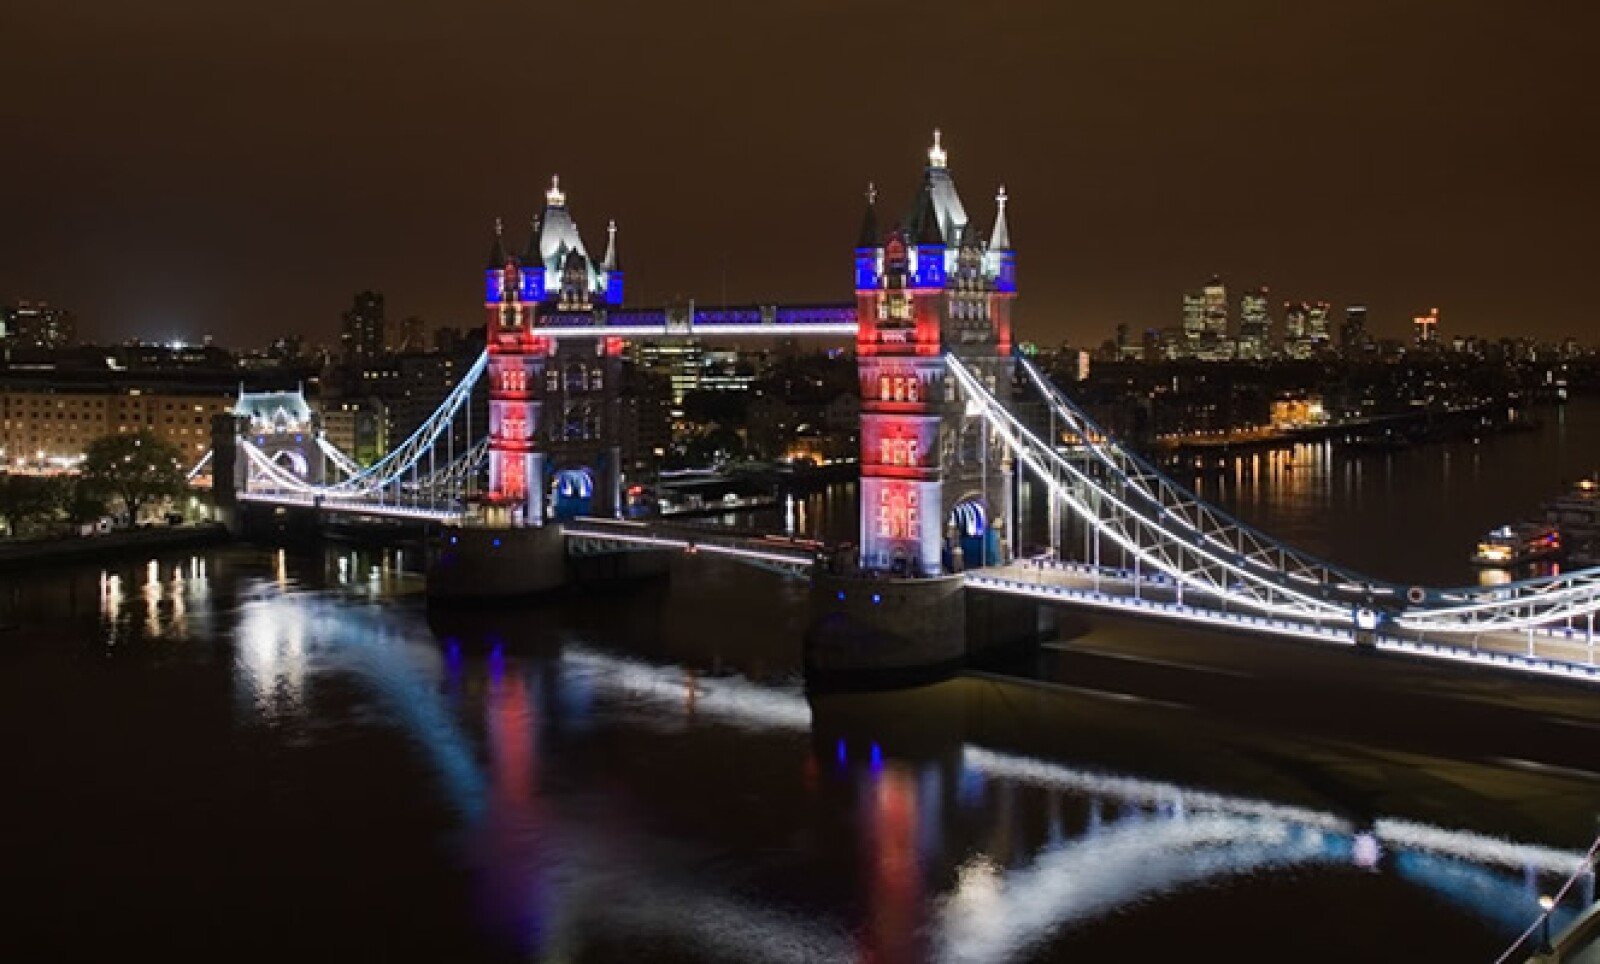 A lo largo del contorno de piedra y metal del puente, se instalaron más de 2 km del sistema LED de la firma.